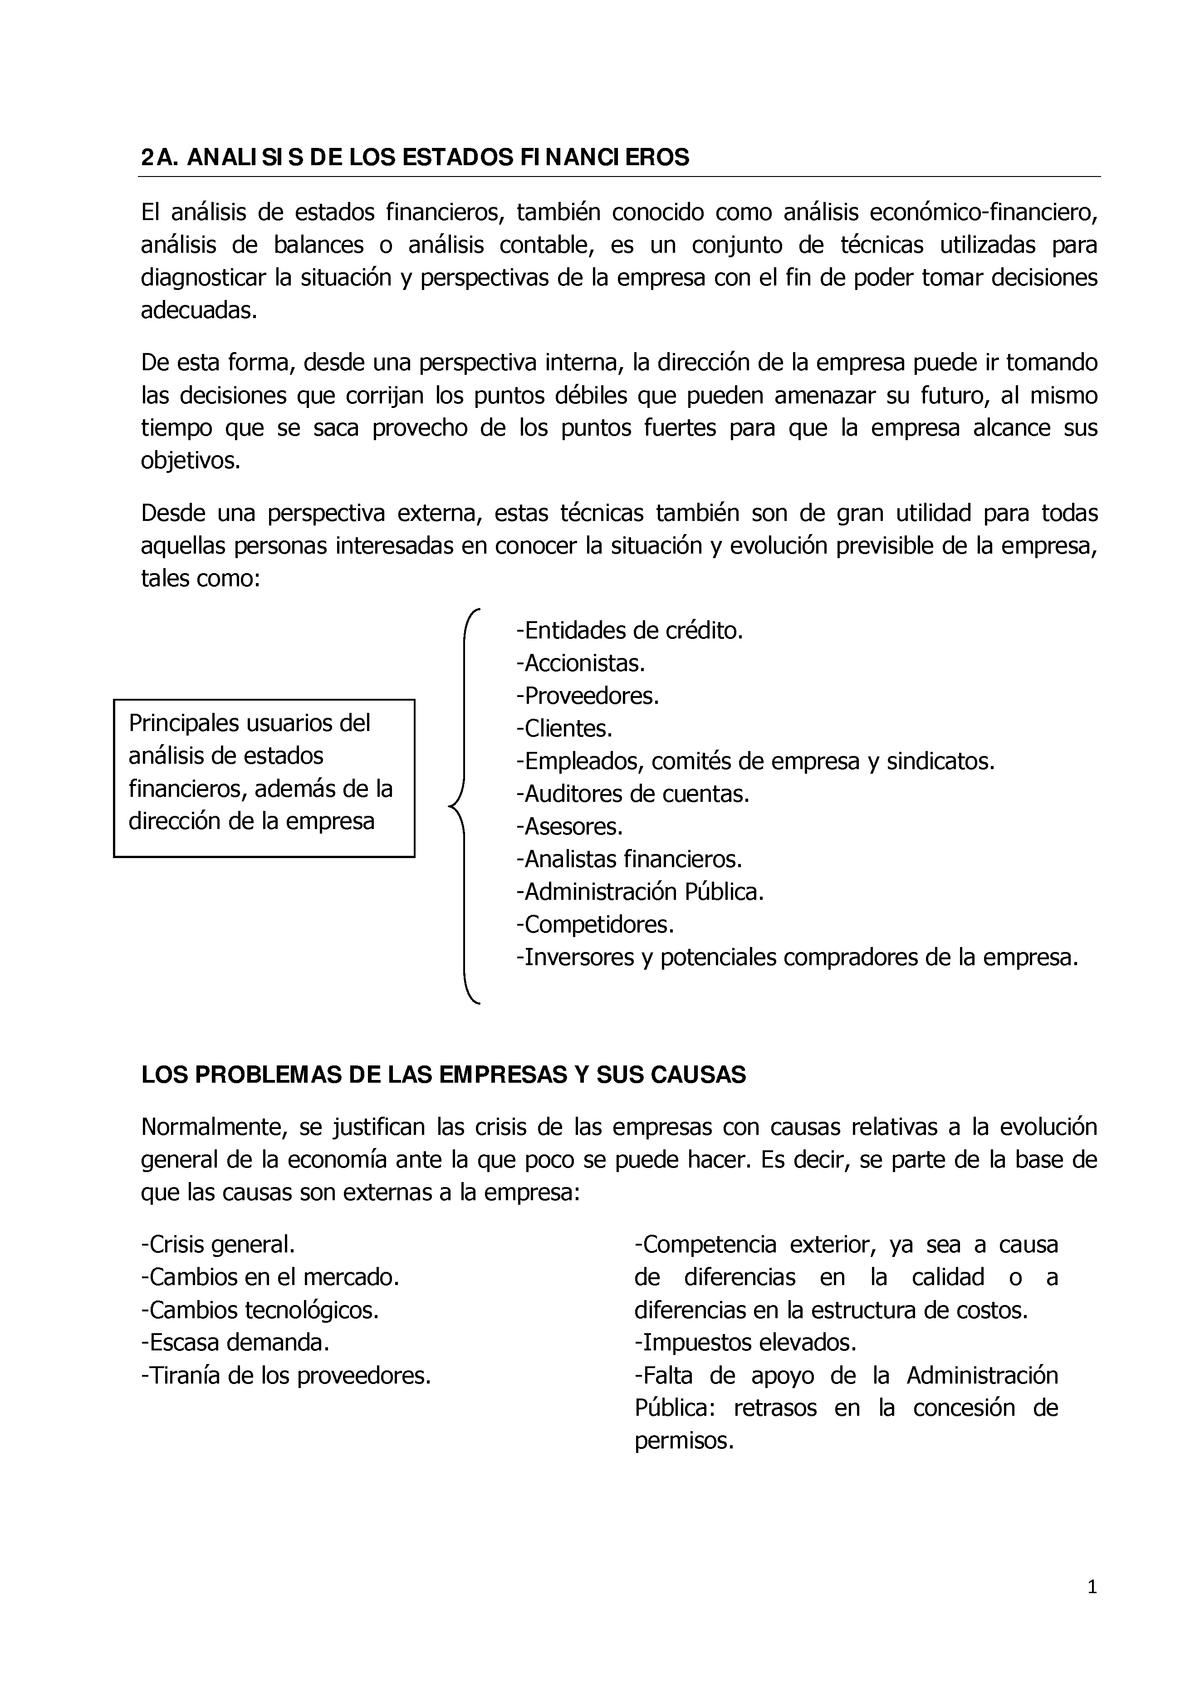 2a Analisis De Los Estados Financieros Marketing Studocu